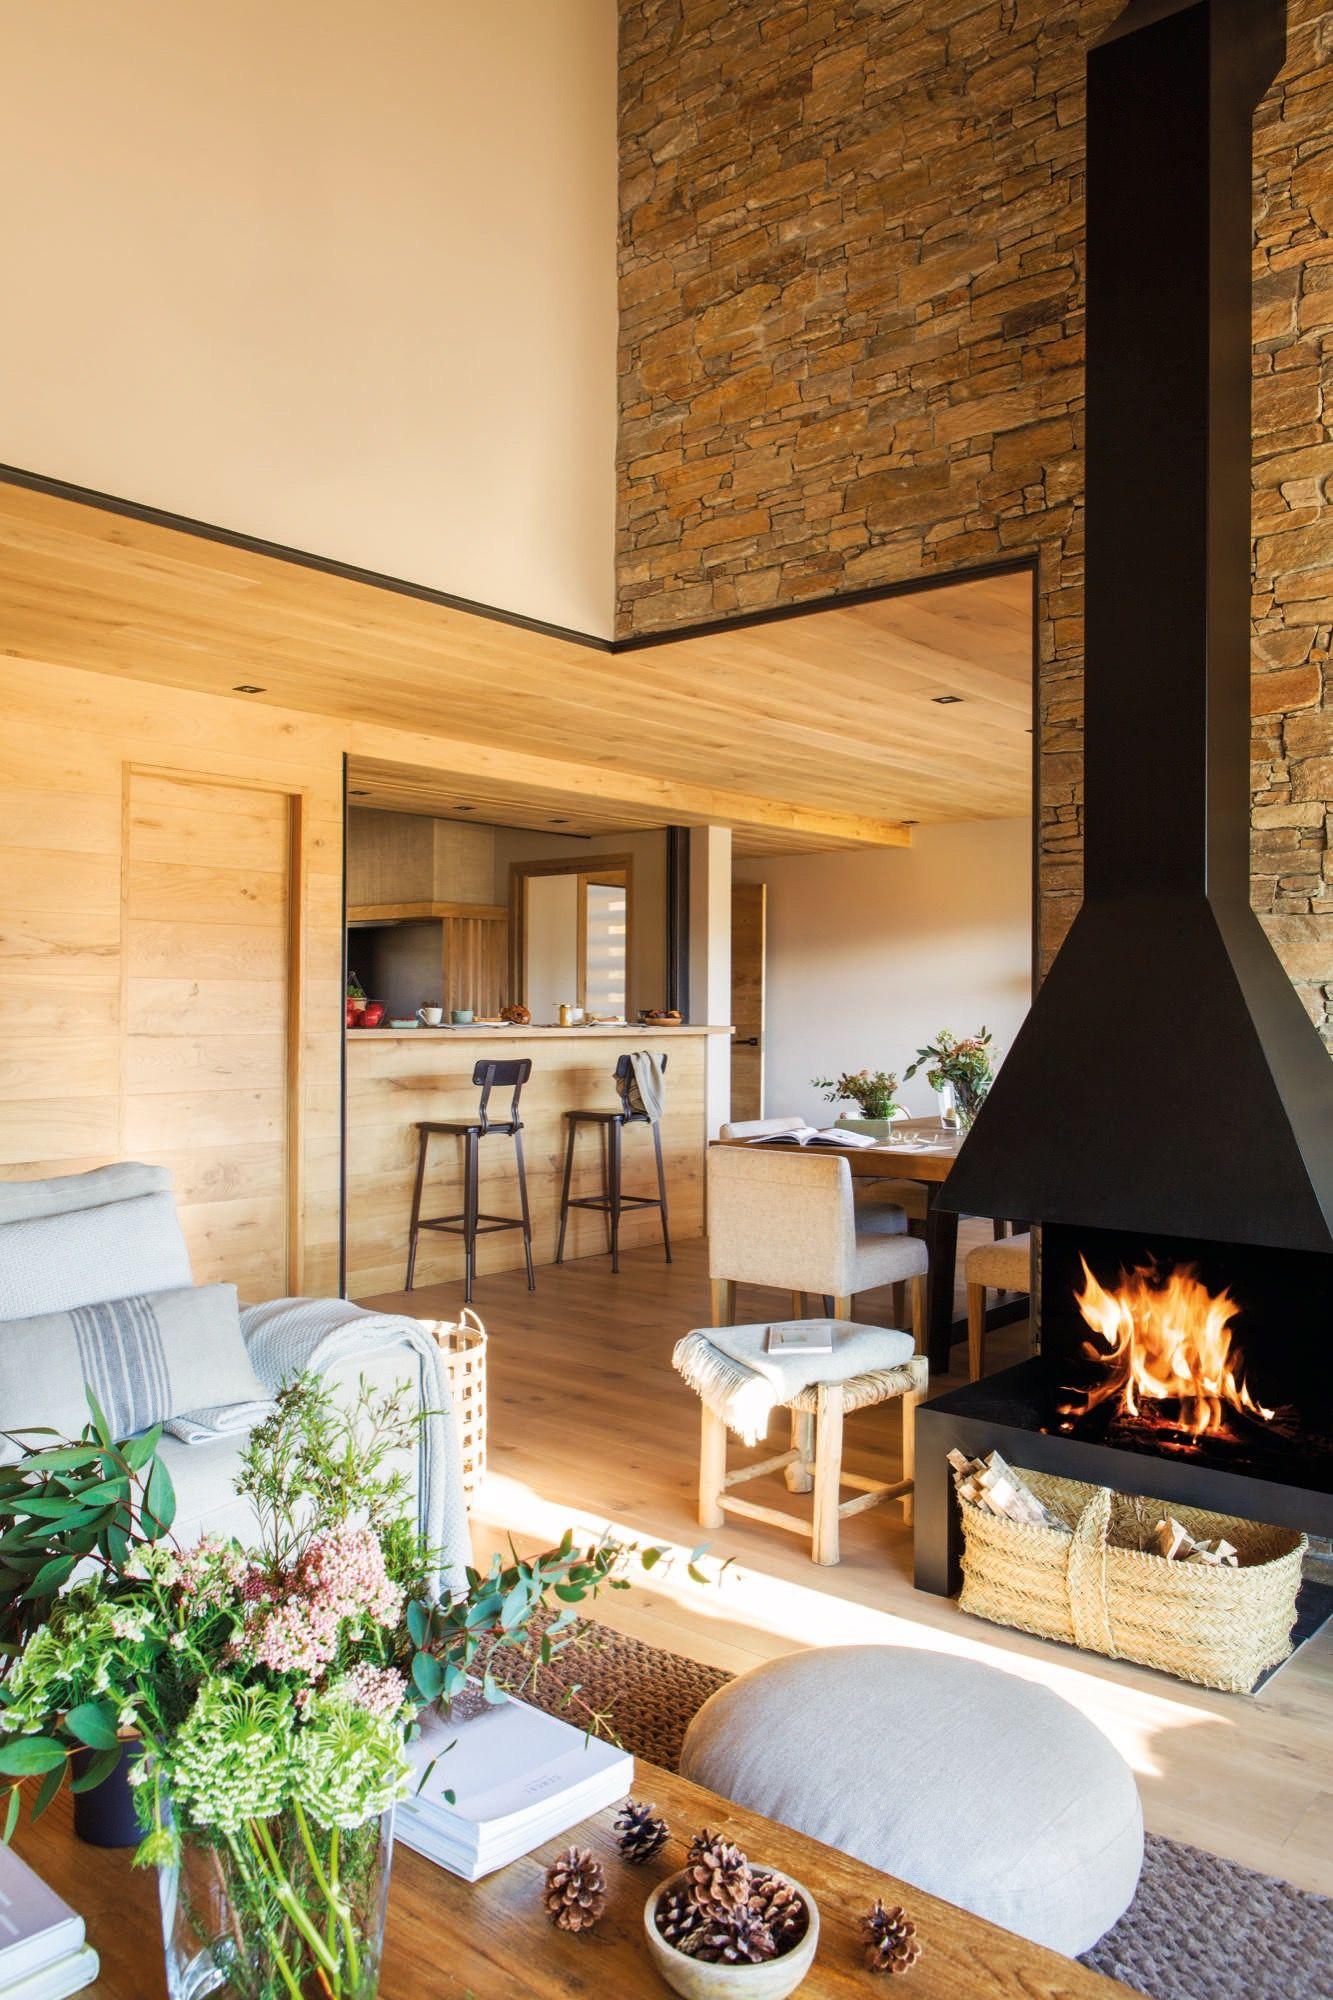 salon con cocina y chimenea en una casa rustica | Acogedor, Rusticas ...